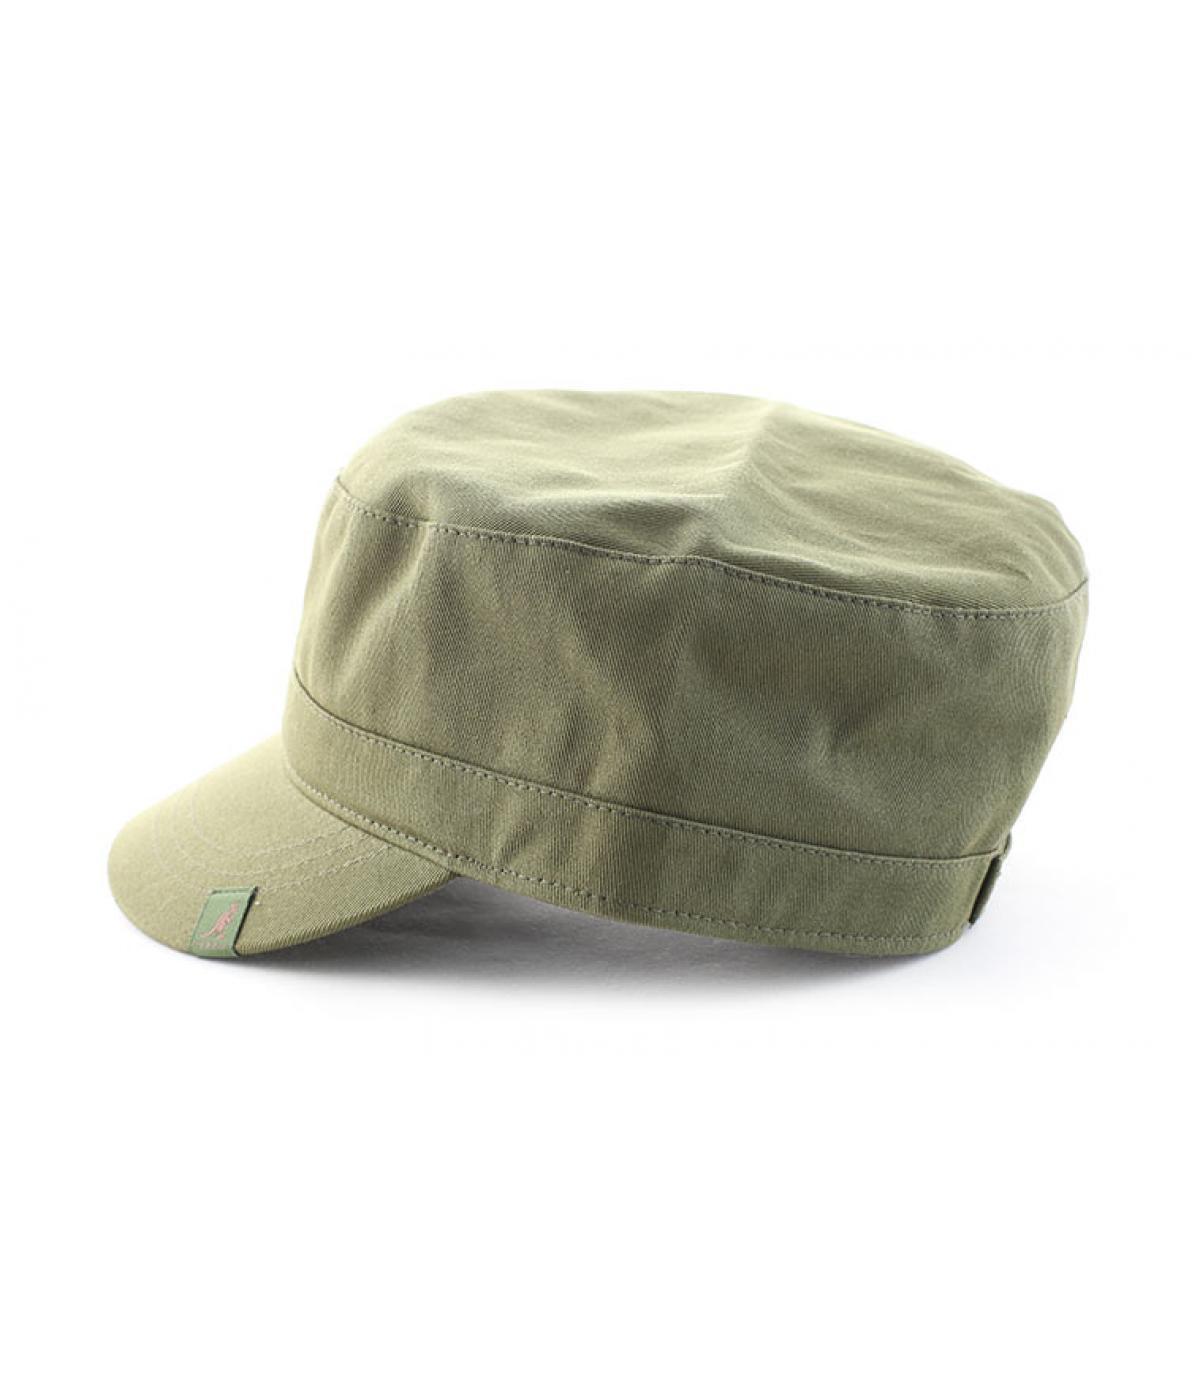 Détails Cotton twill army cap beige - image 4